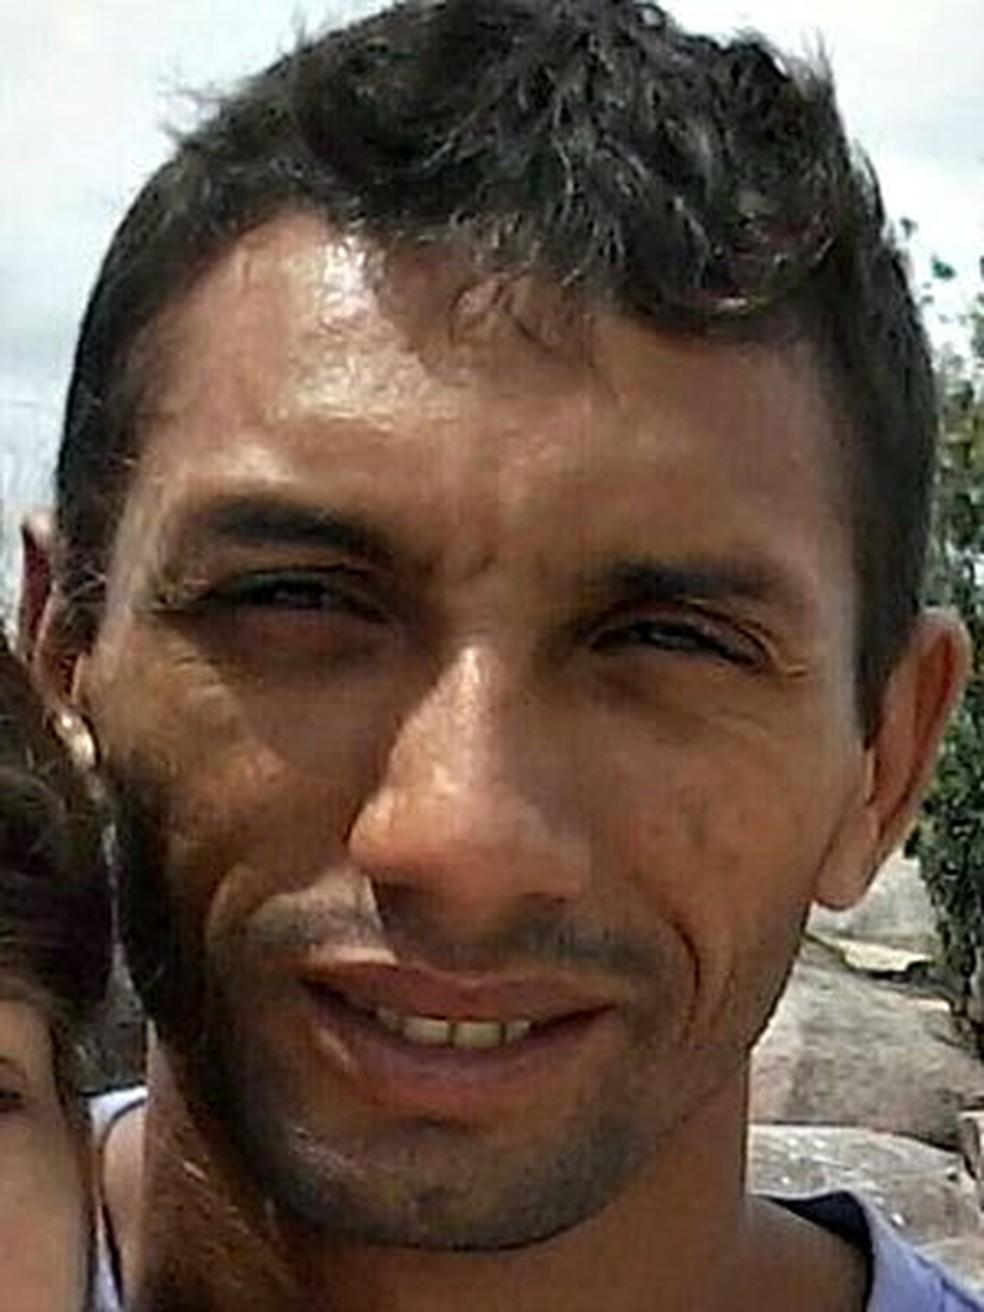 Polícia divulgou foto de Josias na tarde desta terça-feira (18) — Foto: Divulgação/Polícia Civil